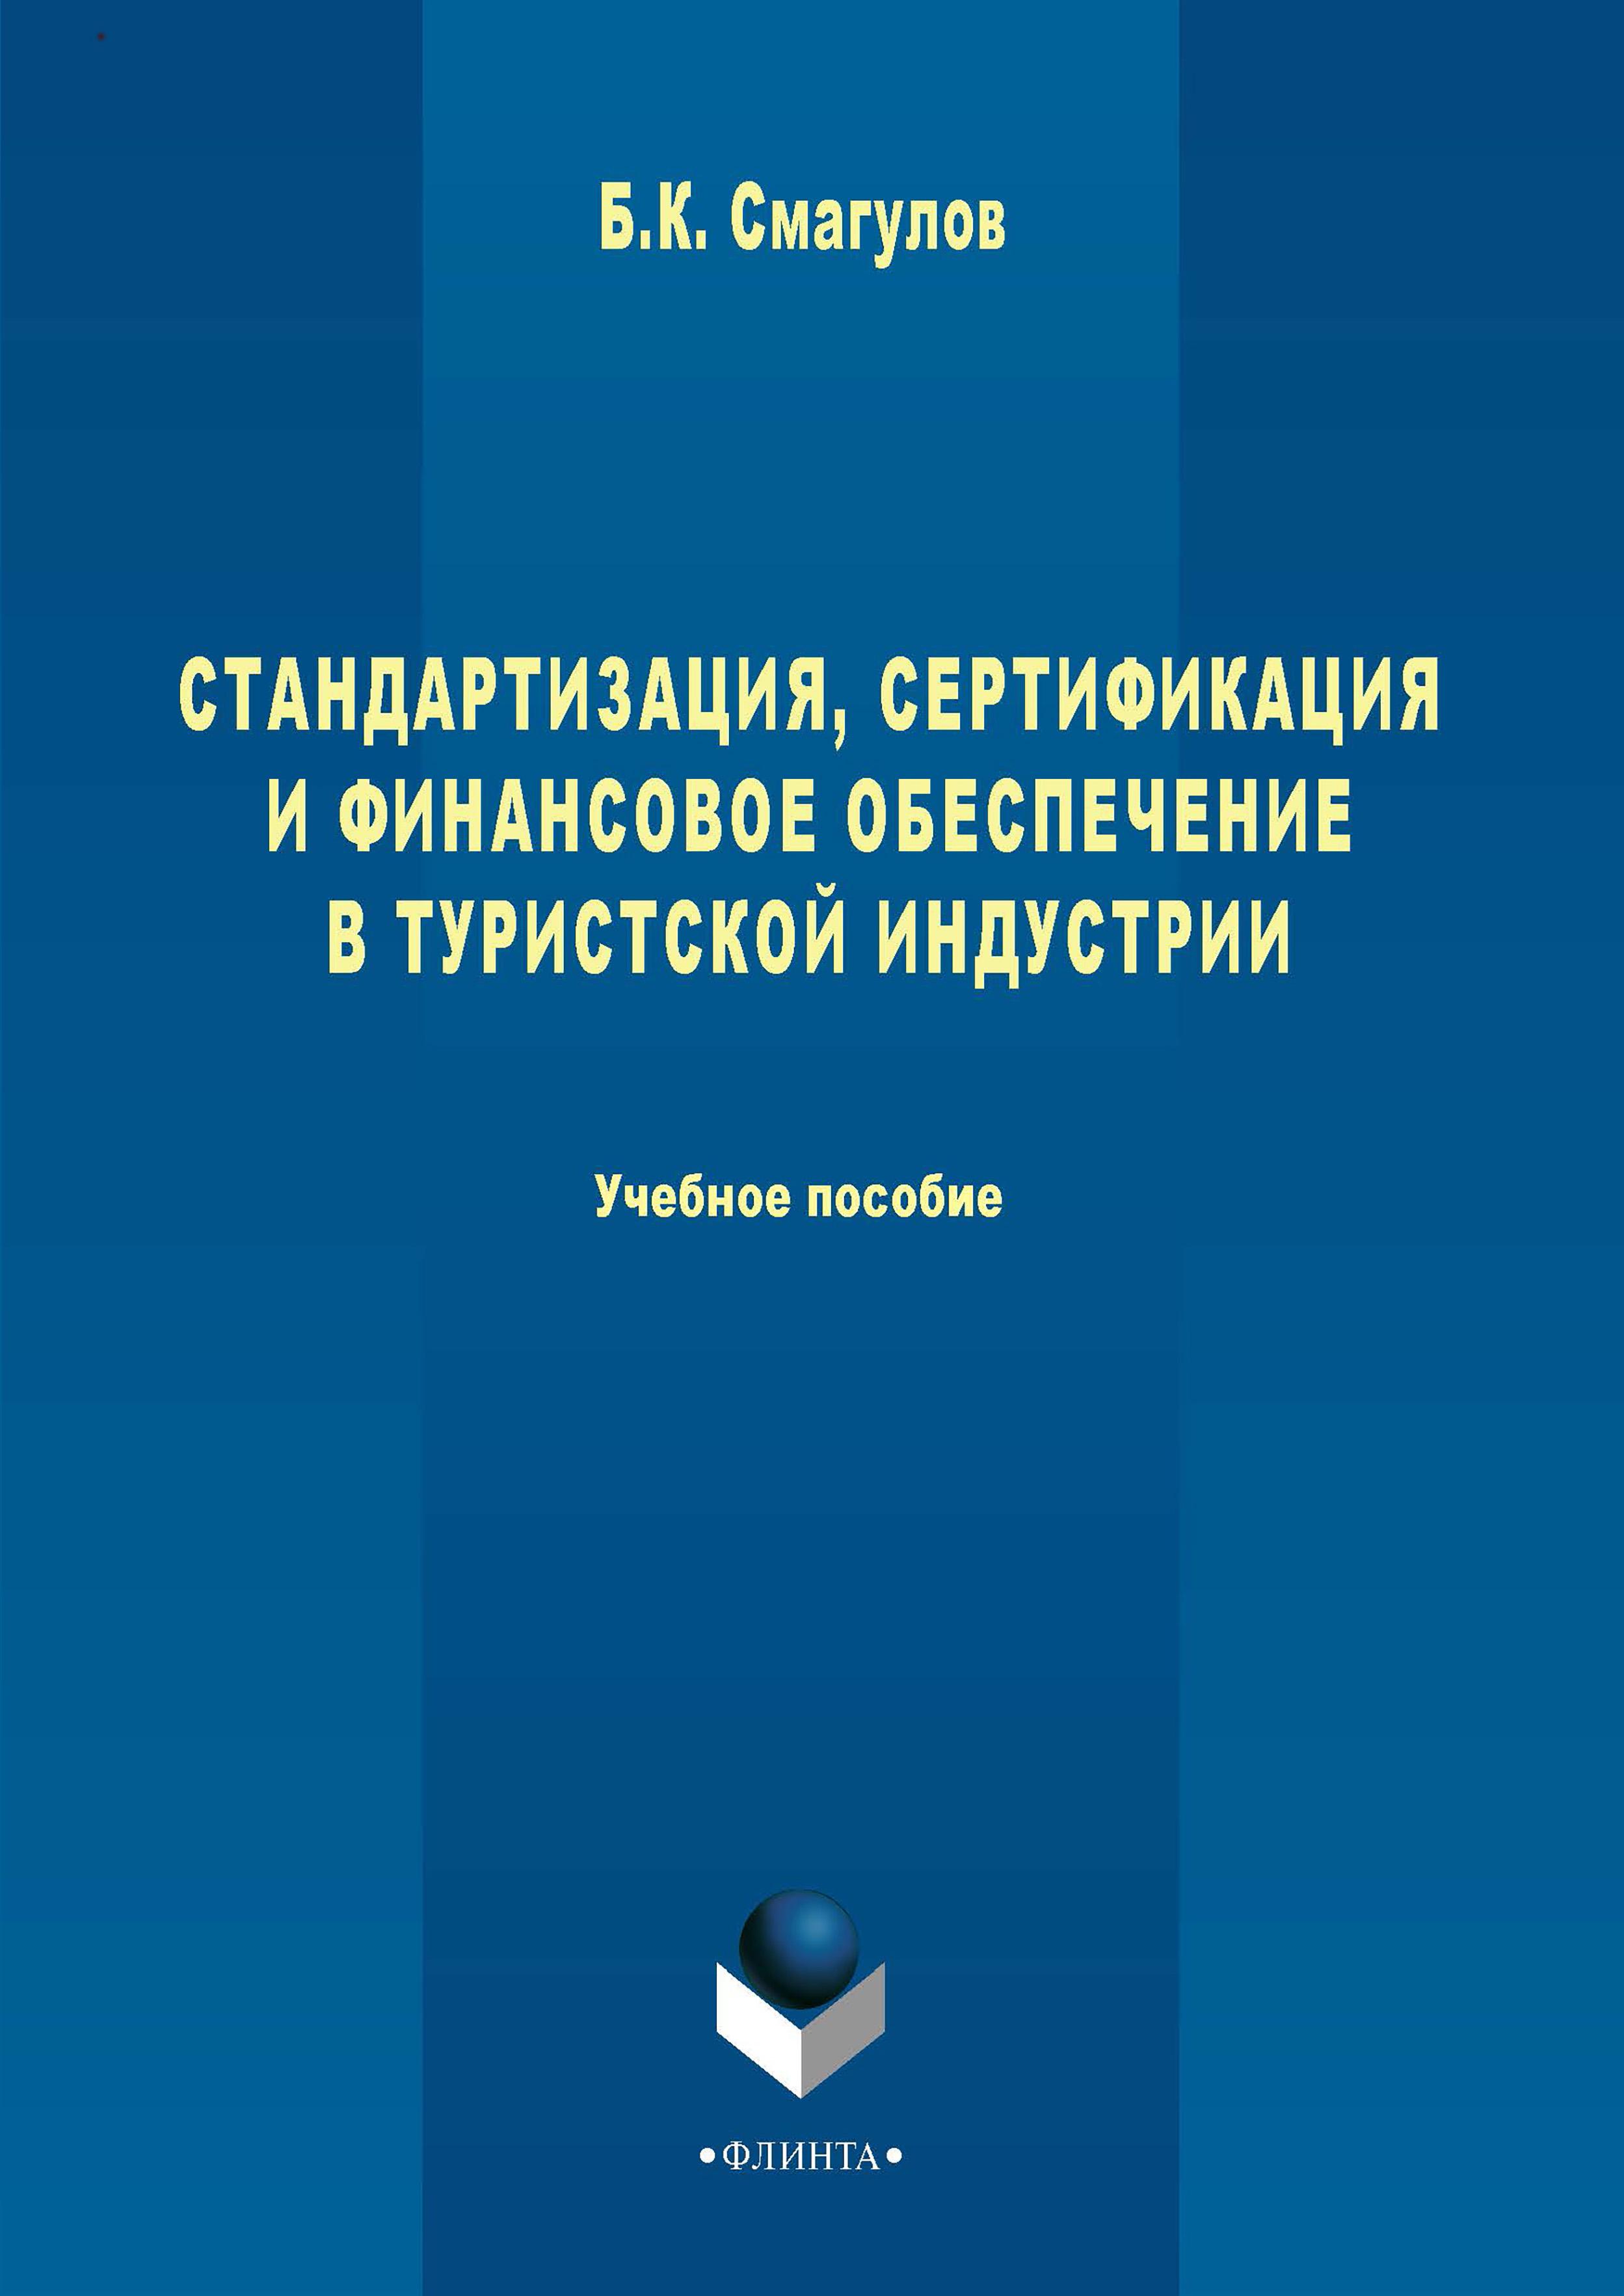 Б. К. Смагулов Стандартизация, сертификация и финансовое обеспечение в туристской индустрии. Учебное пособие баумгартен л в менеджмент в туристской индустрии